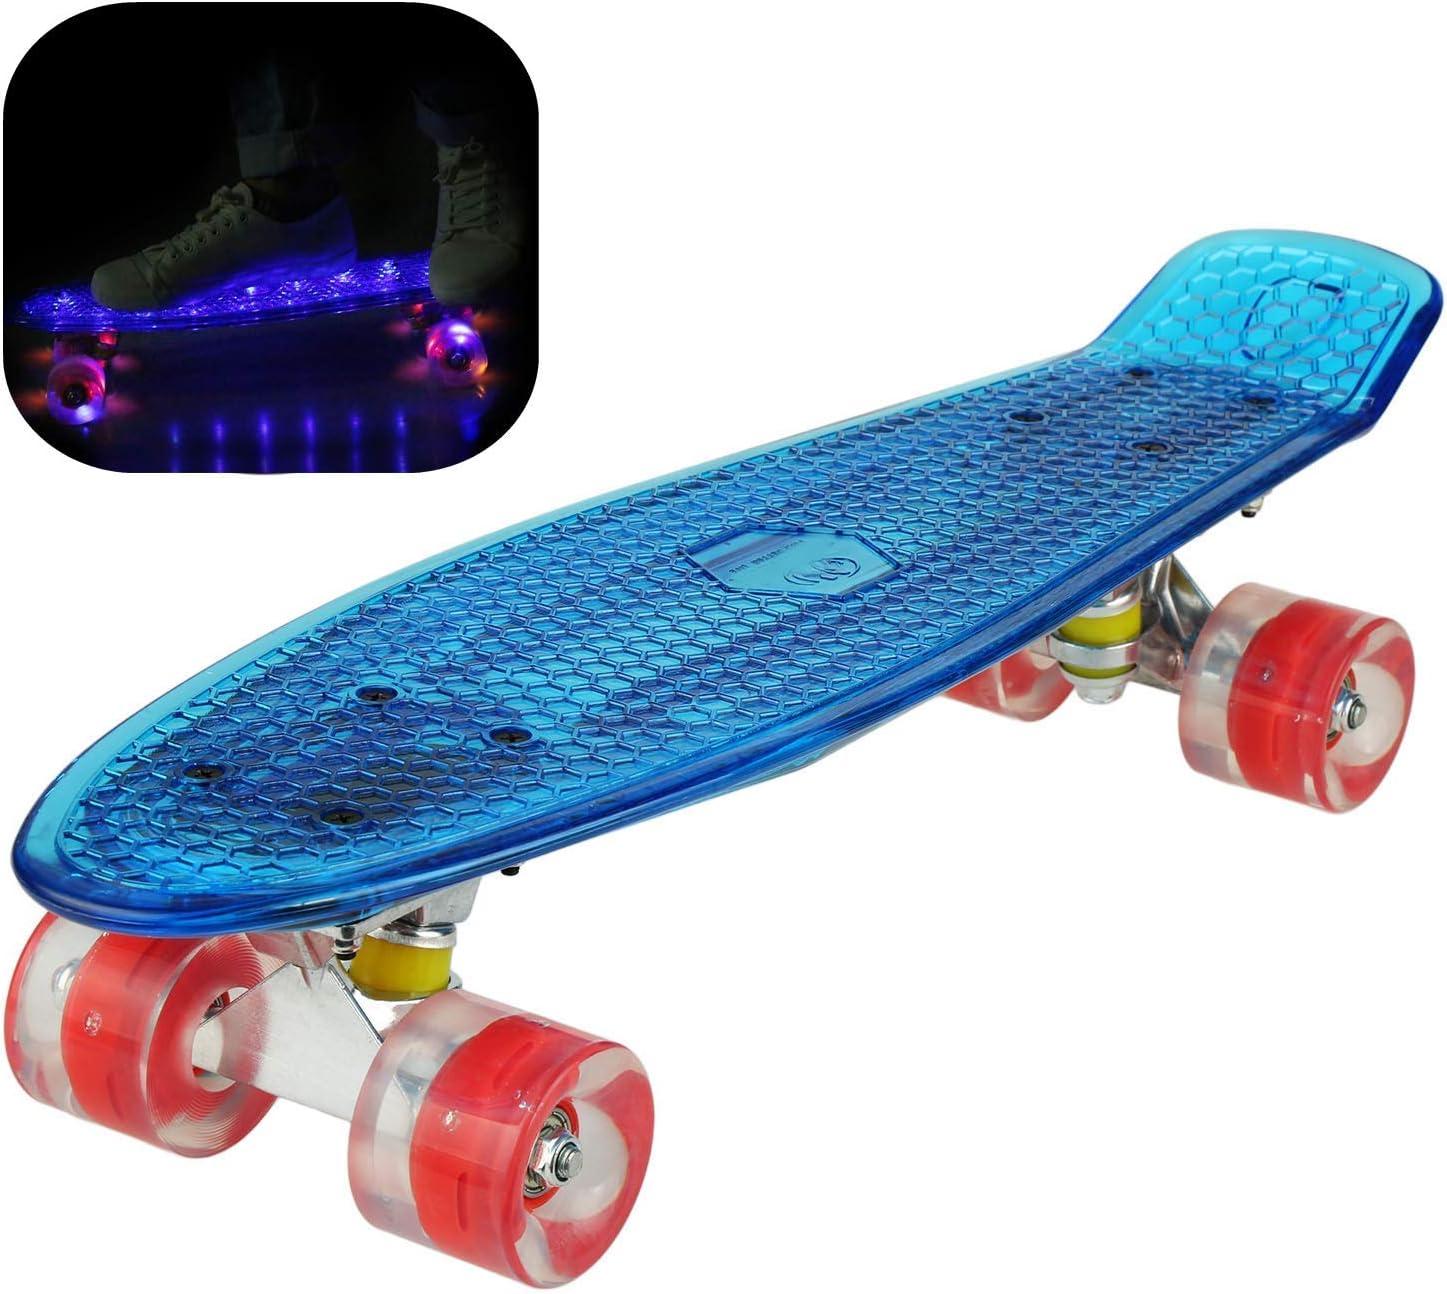 Hiriyt Mini Cruiser Skateboard 22 Zoll Fishboard FÜR Anfänger Jugendliche Und Erwachsene - Tragbares Mini-Skateboard - 4 Ledteile Erleuchten Das Glatte PU Rad (Blau / rotes Rad / Riemen) kaufen